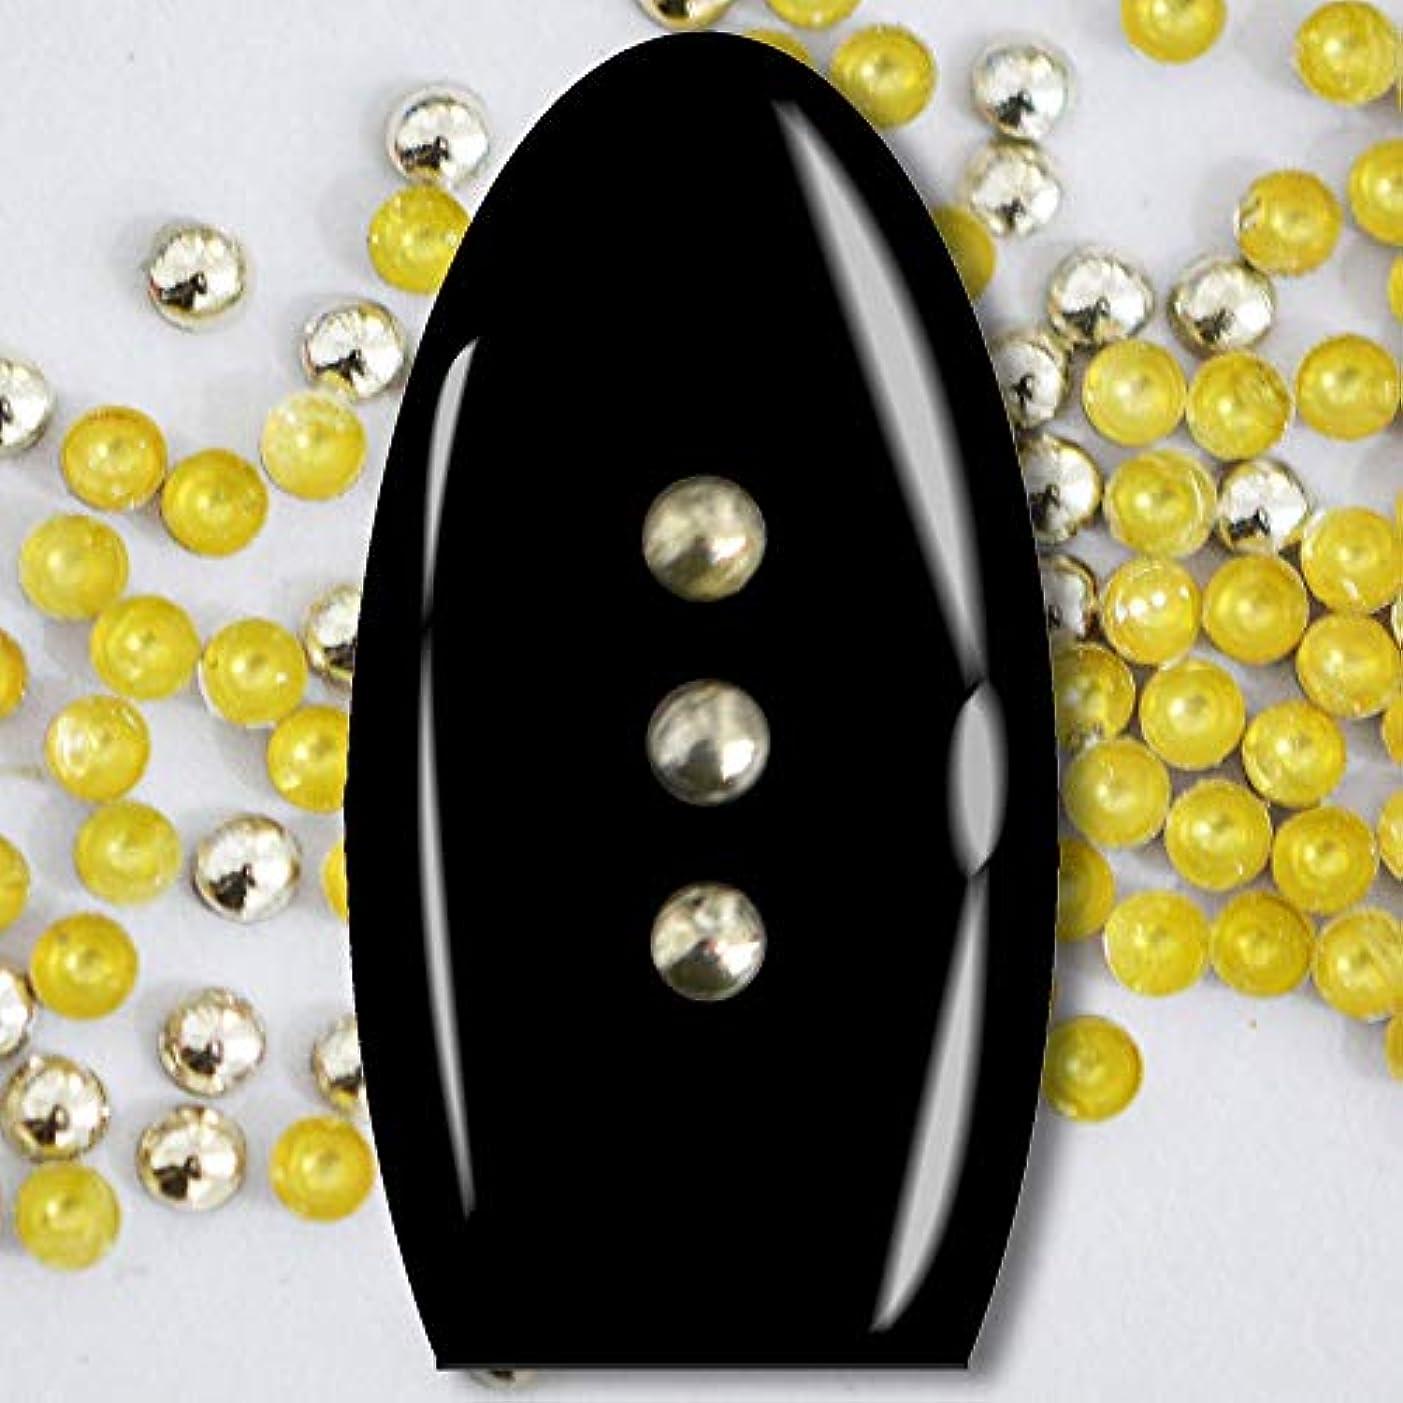 過言最初タイムリーなメタルスタッズ ネイル用 100粒 STZ020 ラウンド ライトゴールド Φ2mm ぷっくり半球型